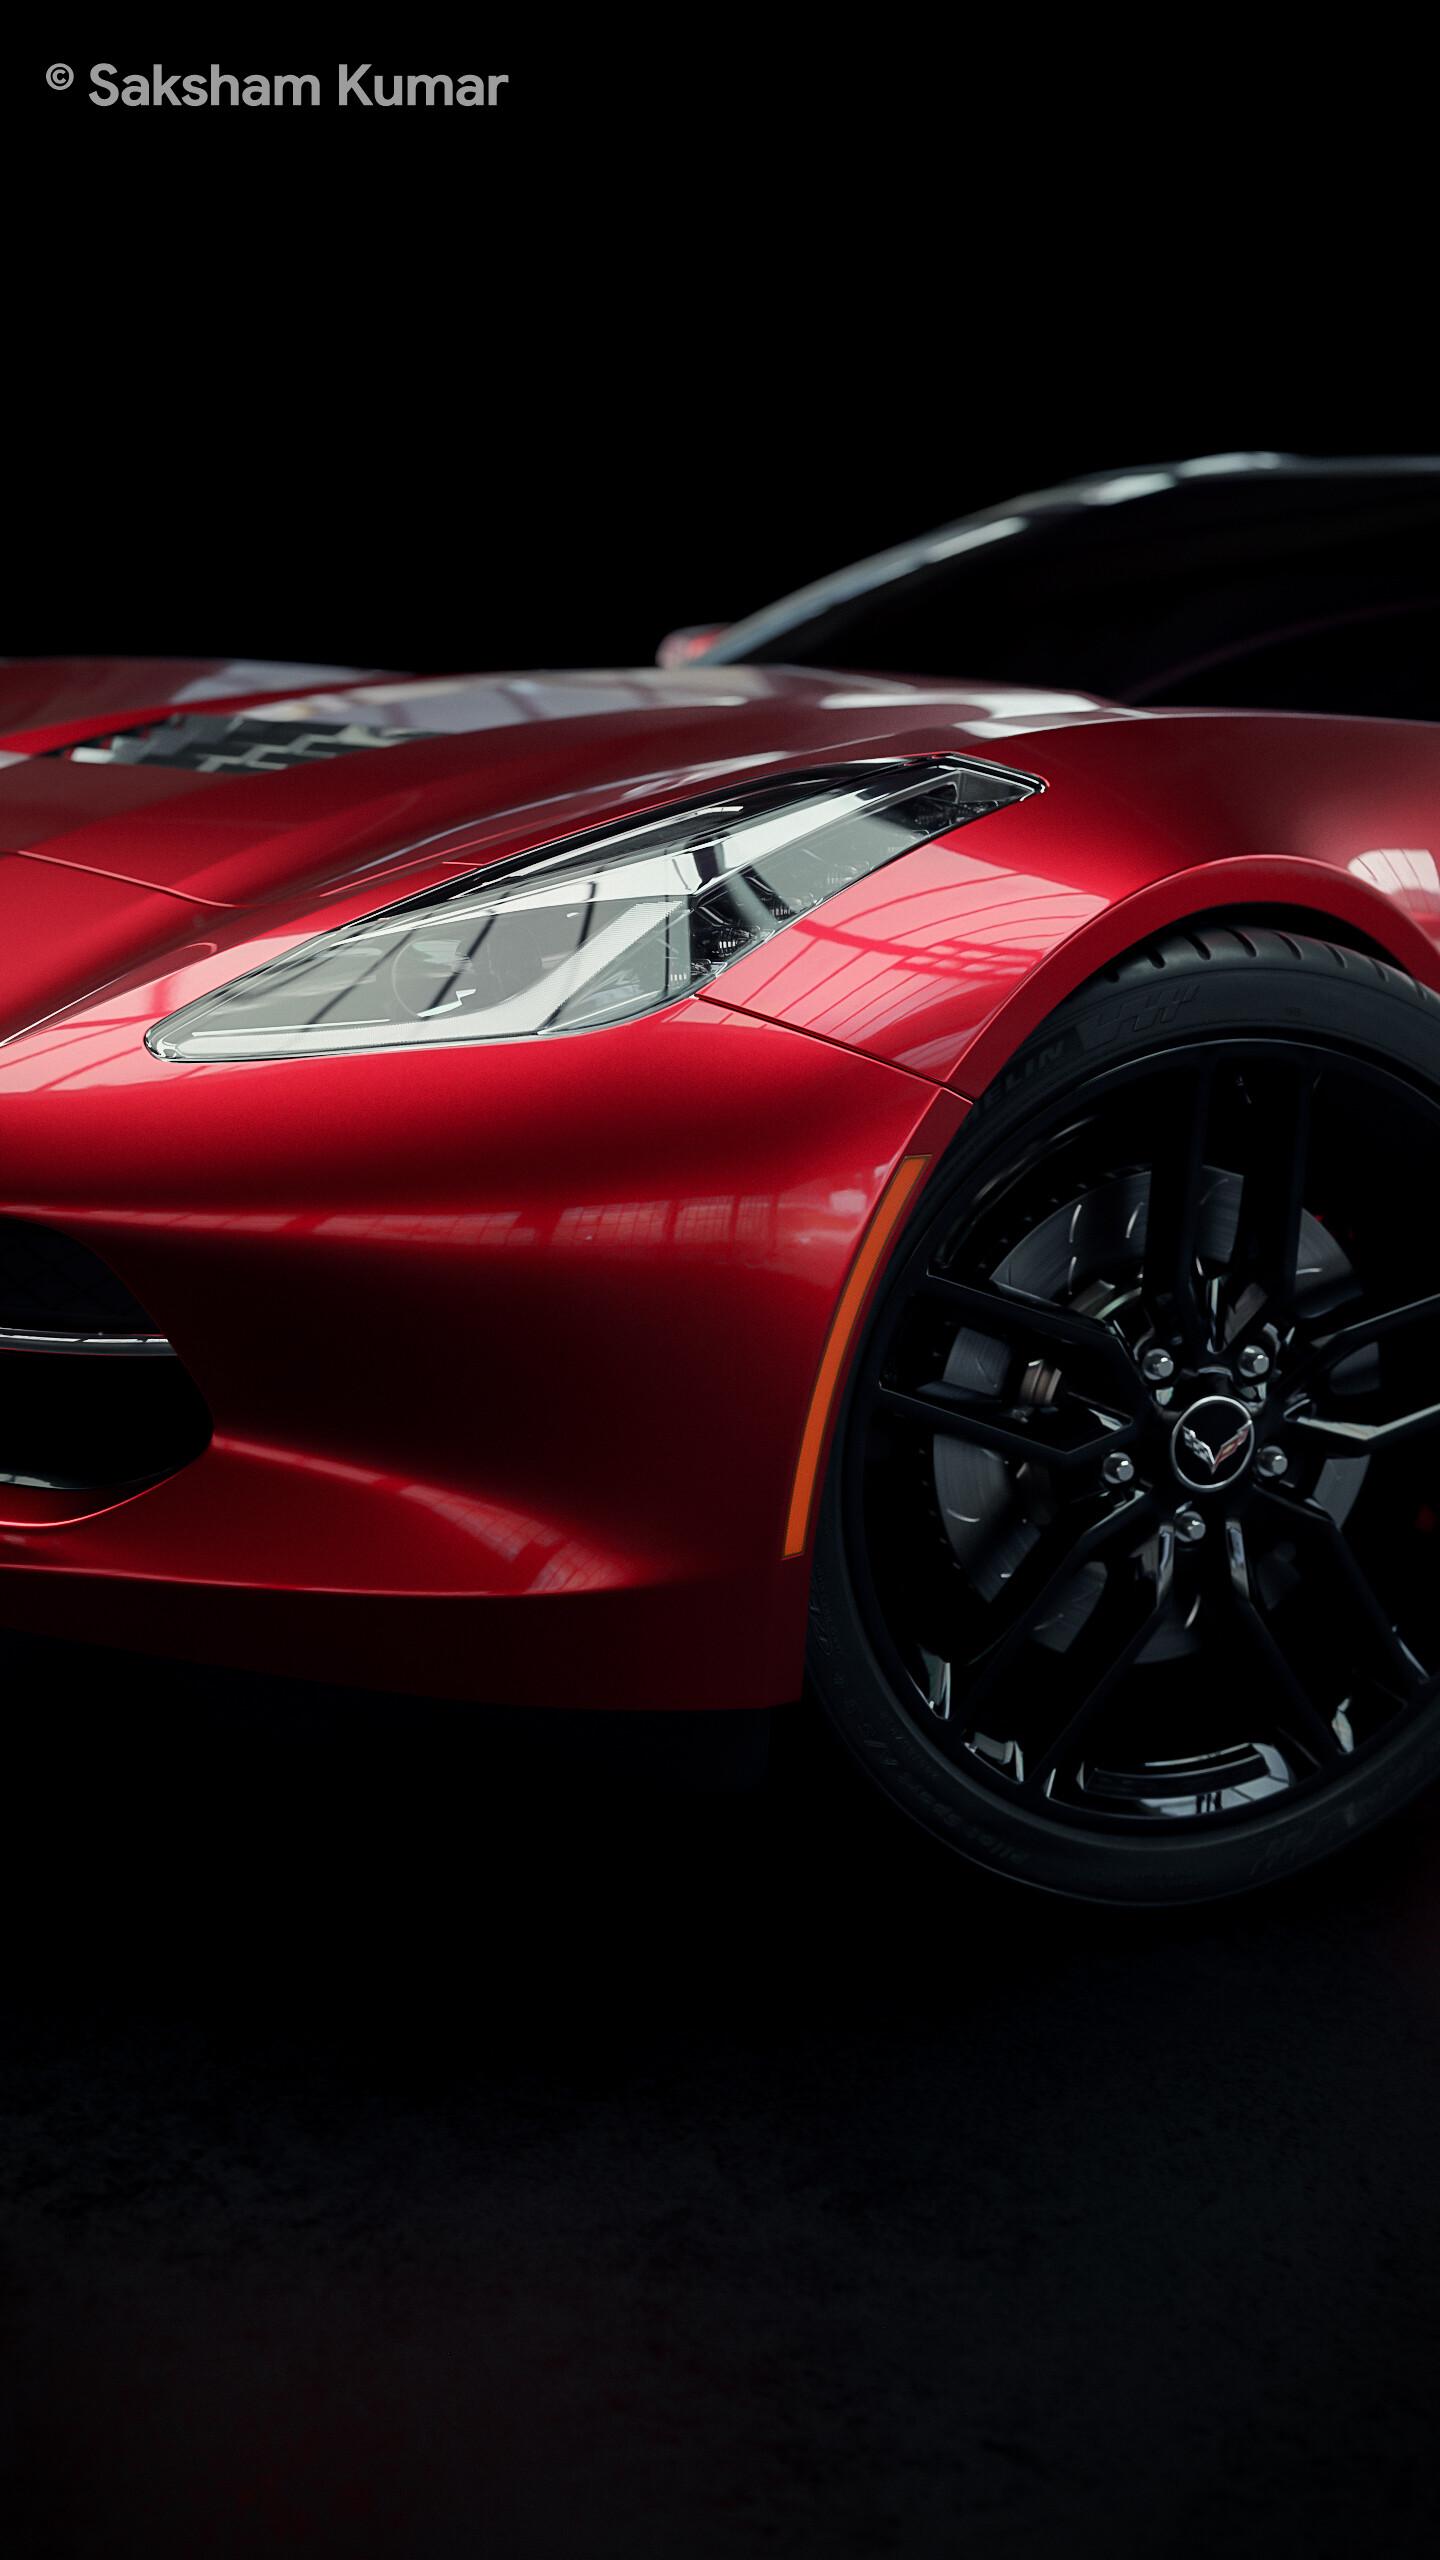 Saksham kumar 20190128 corvette final model studio render1 gv002 0001